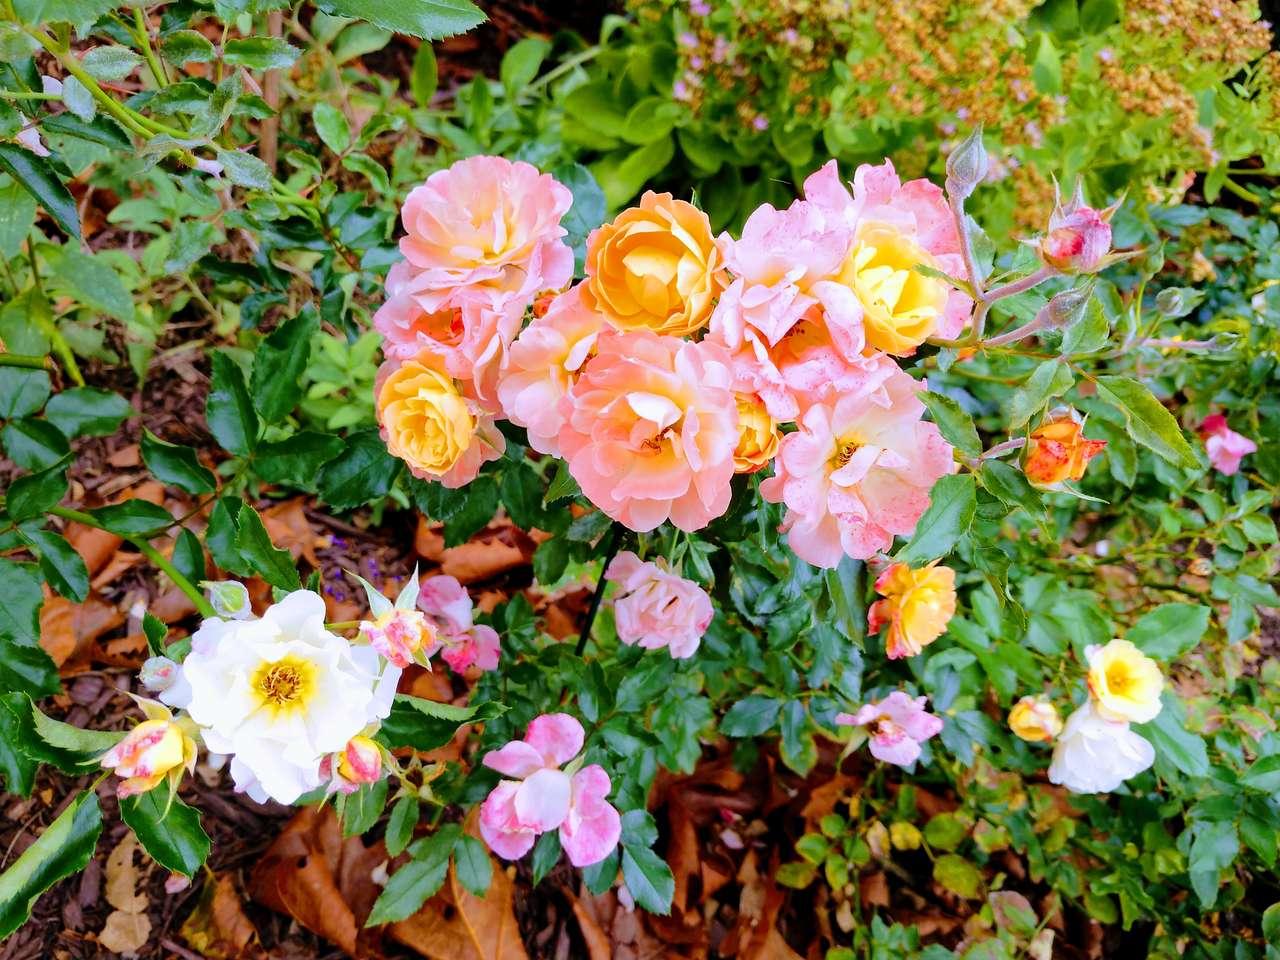 fiori di rosa - carina con fiori rosa (18×14)